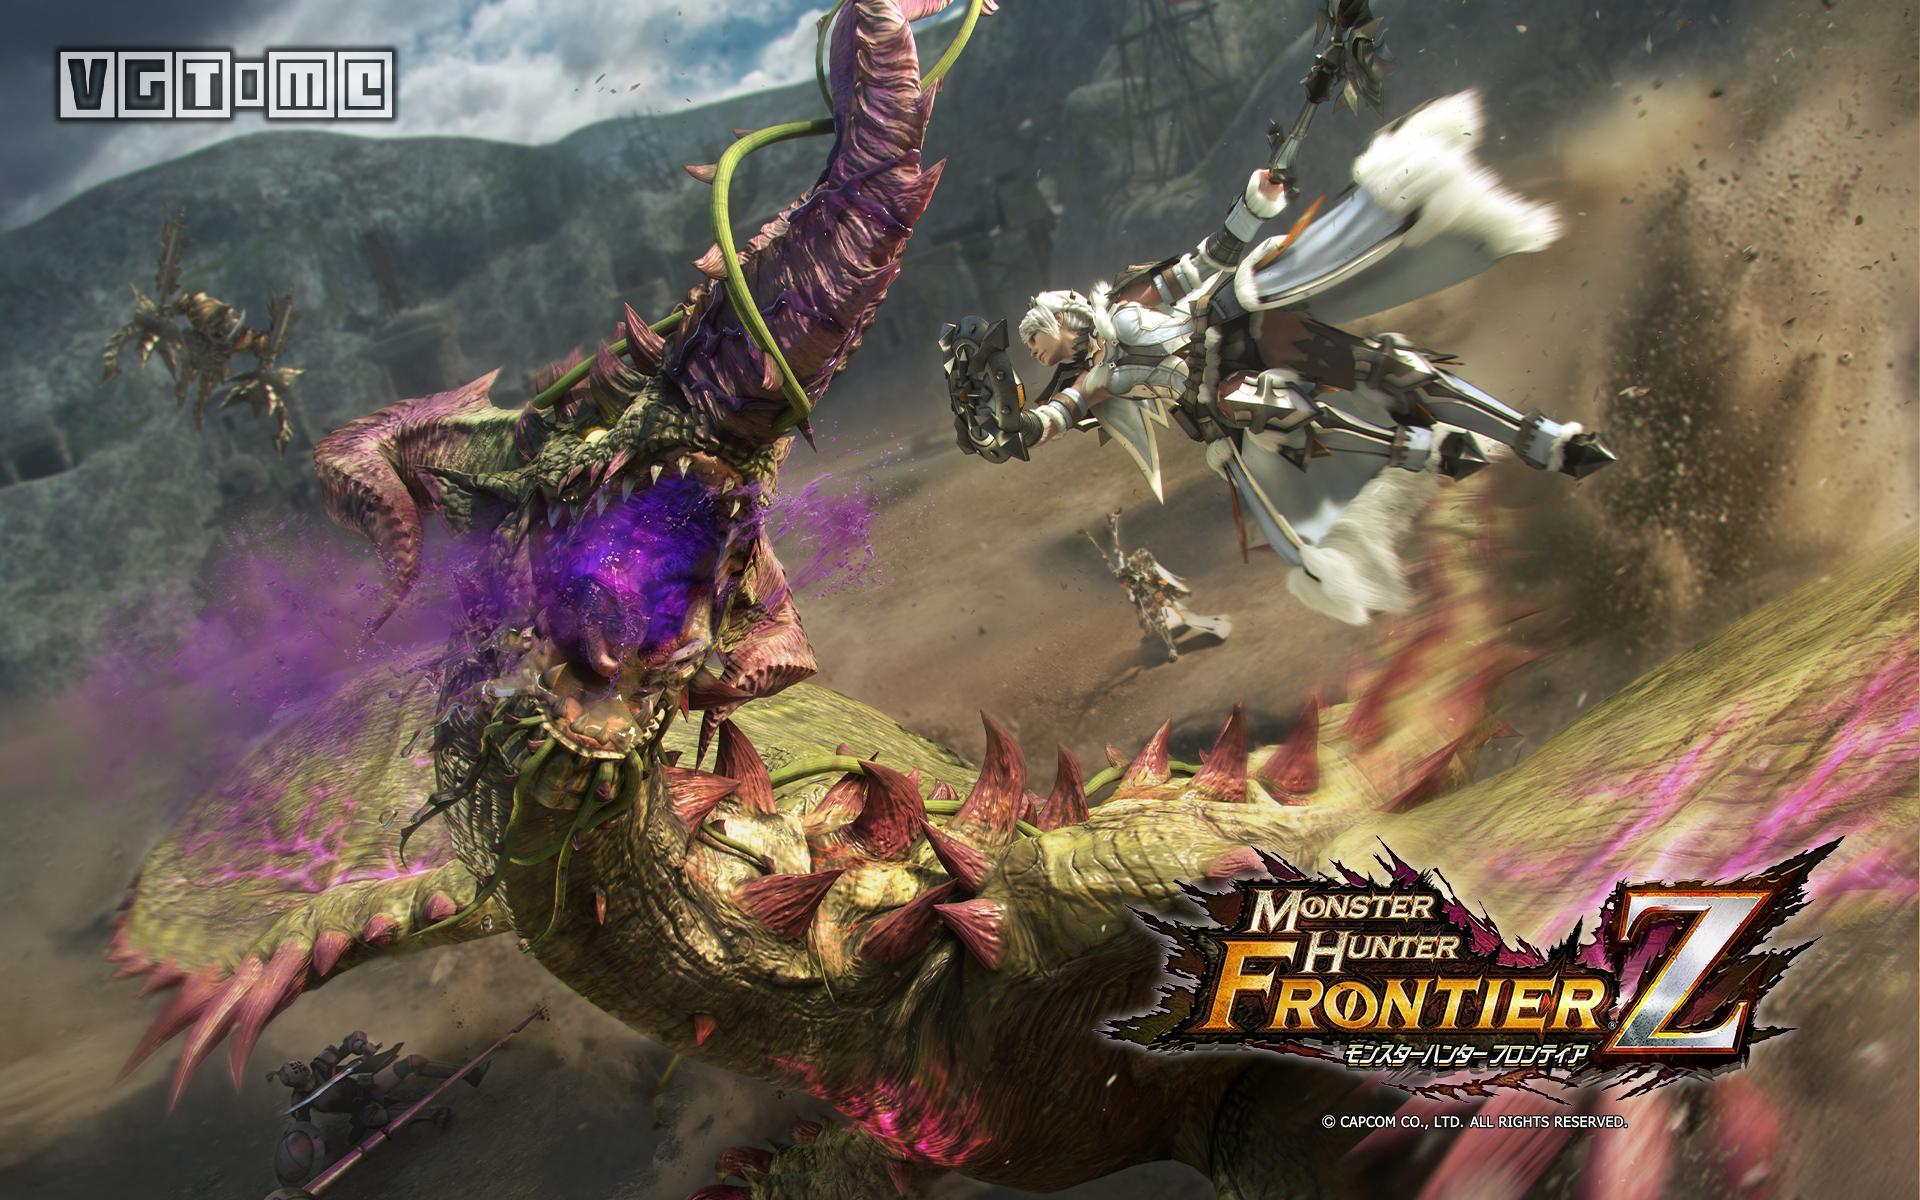 《怪物猎人 边境Z》将于2019年12月18日停服